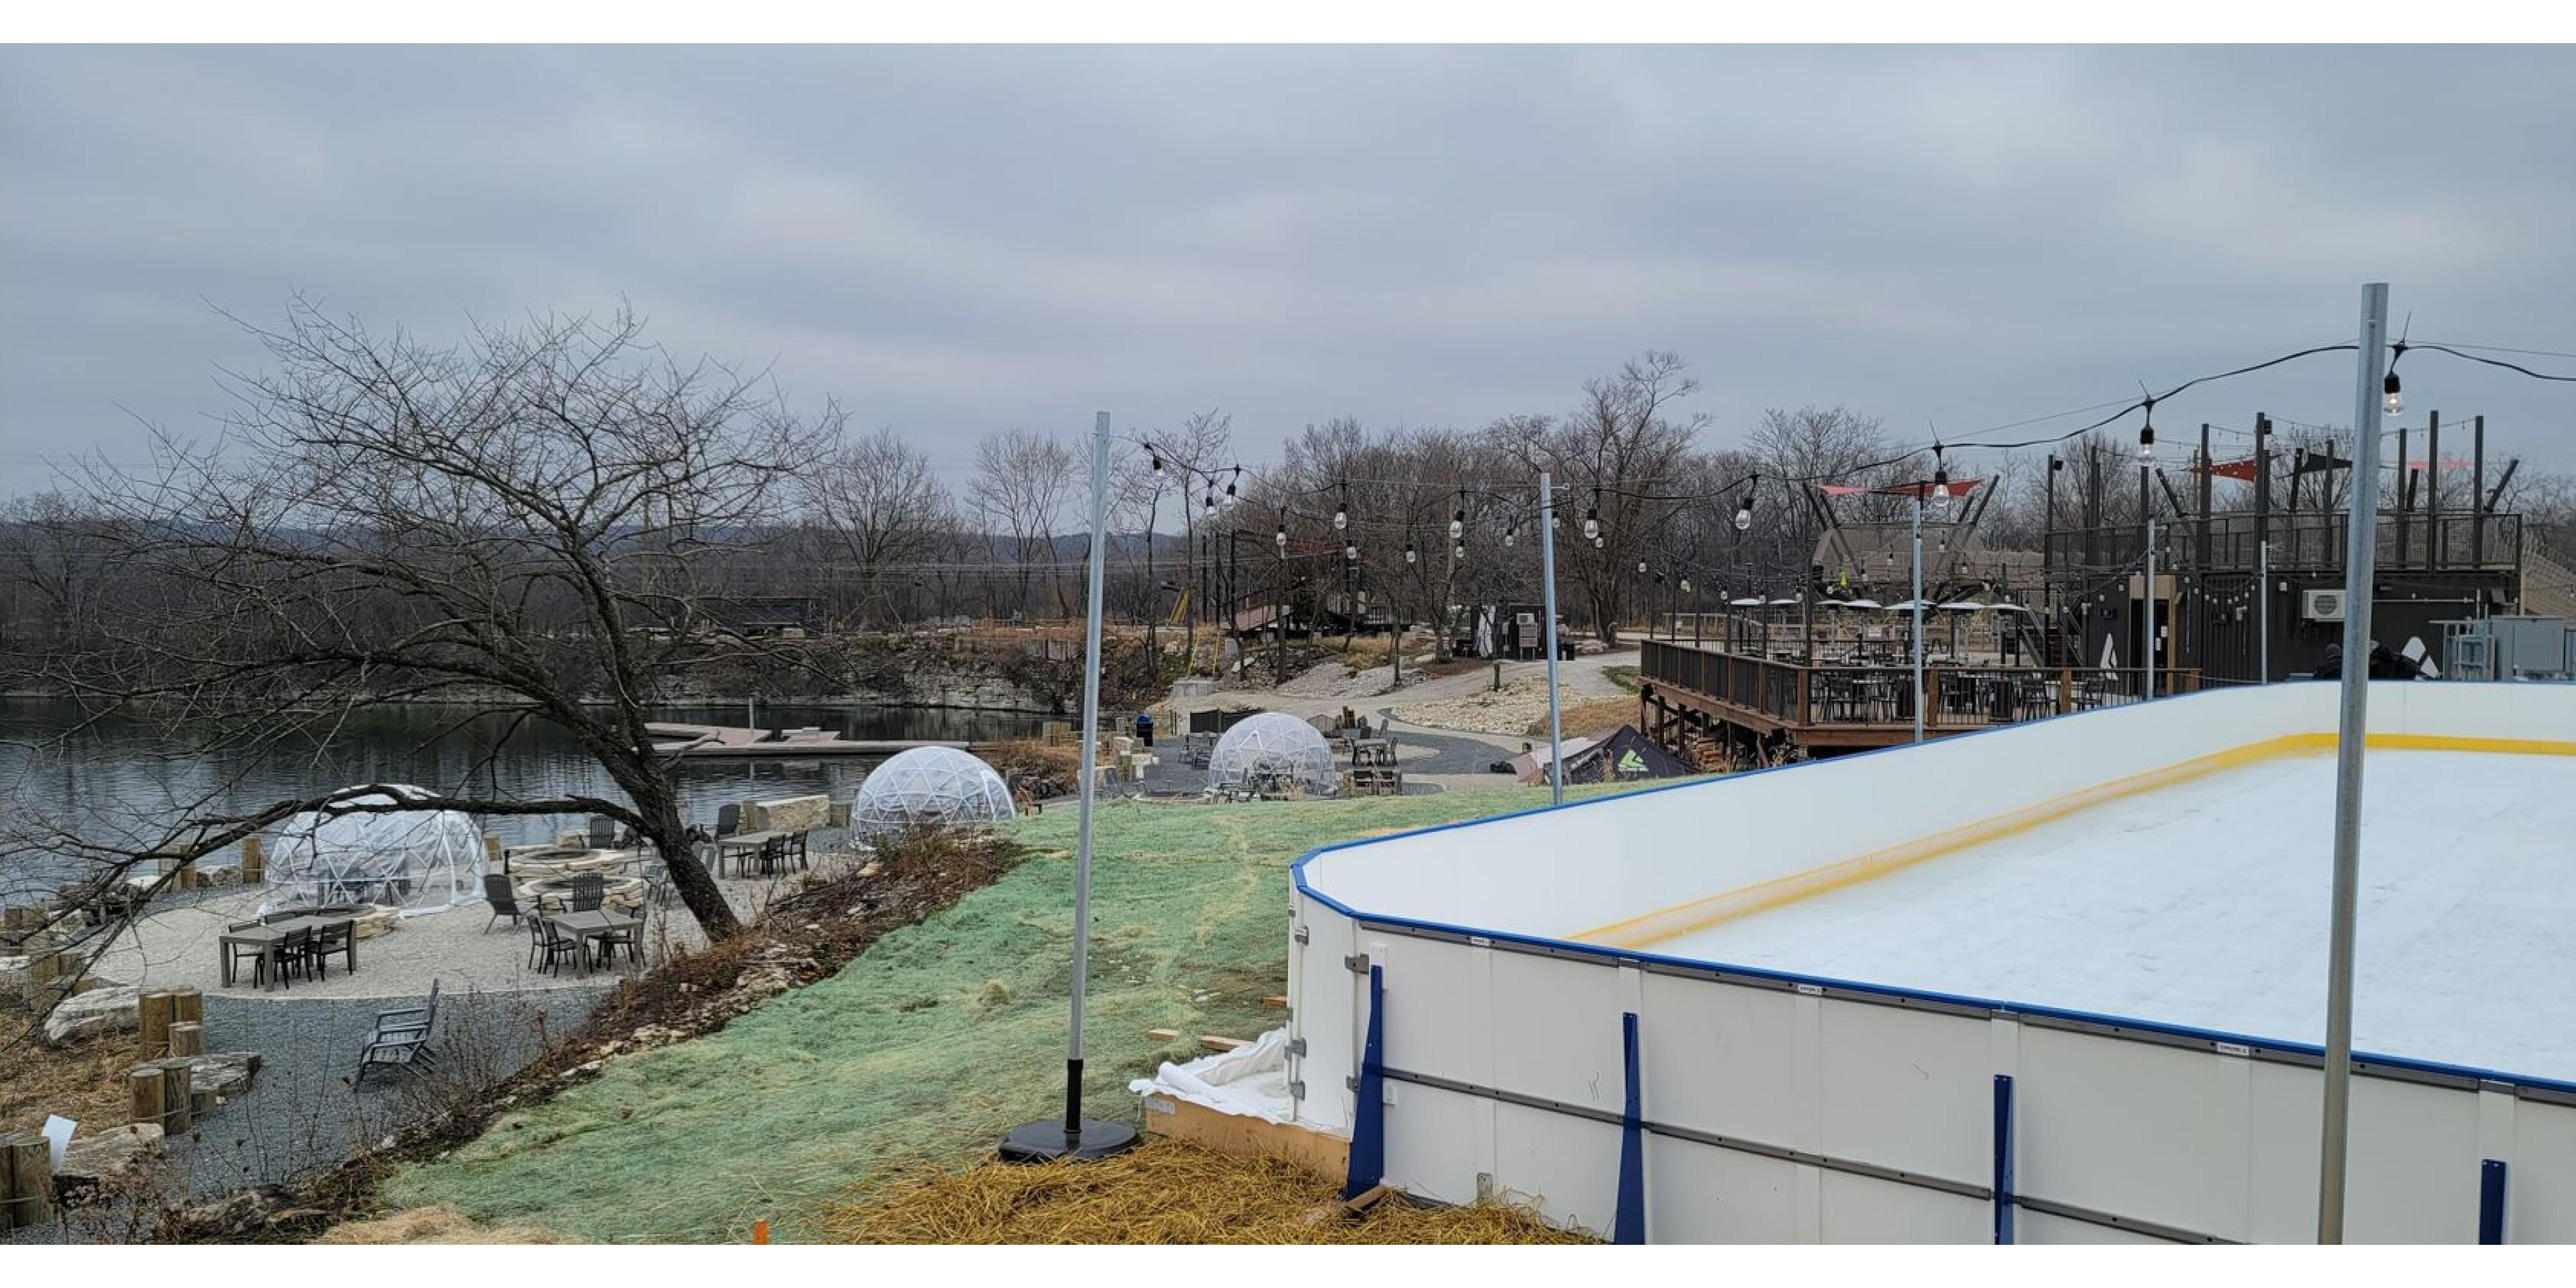 3v3 Hockey Rentals, Outdoor Dining & Beer Garden